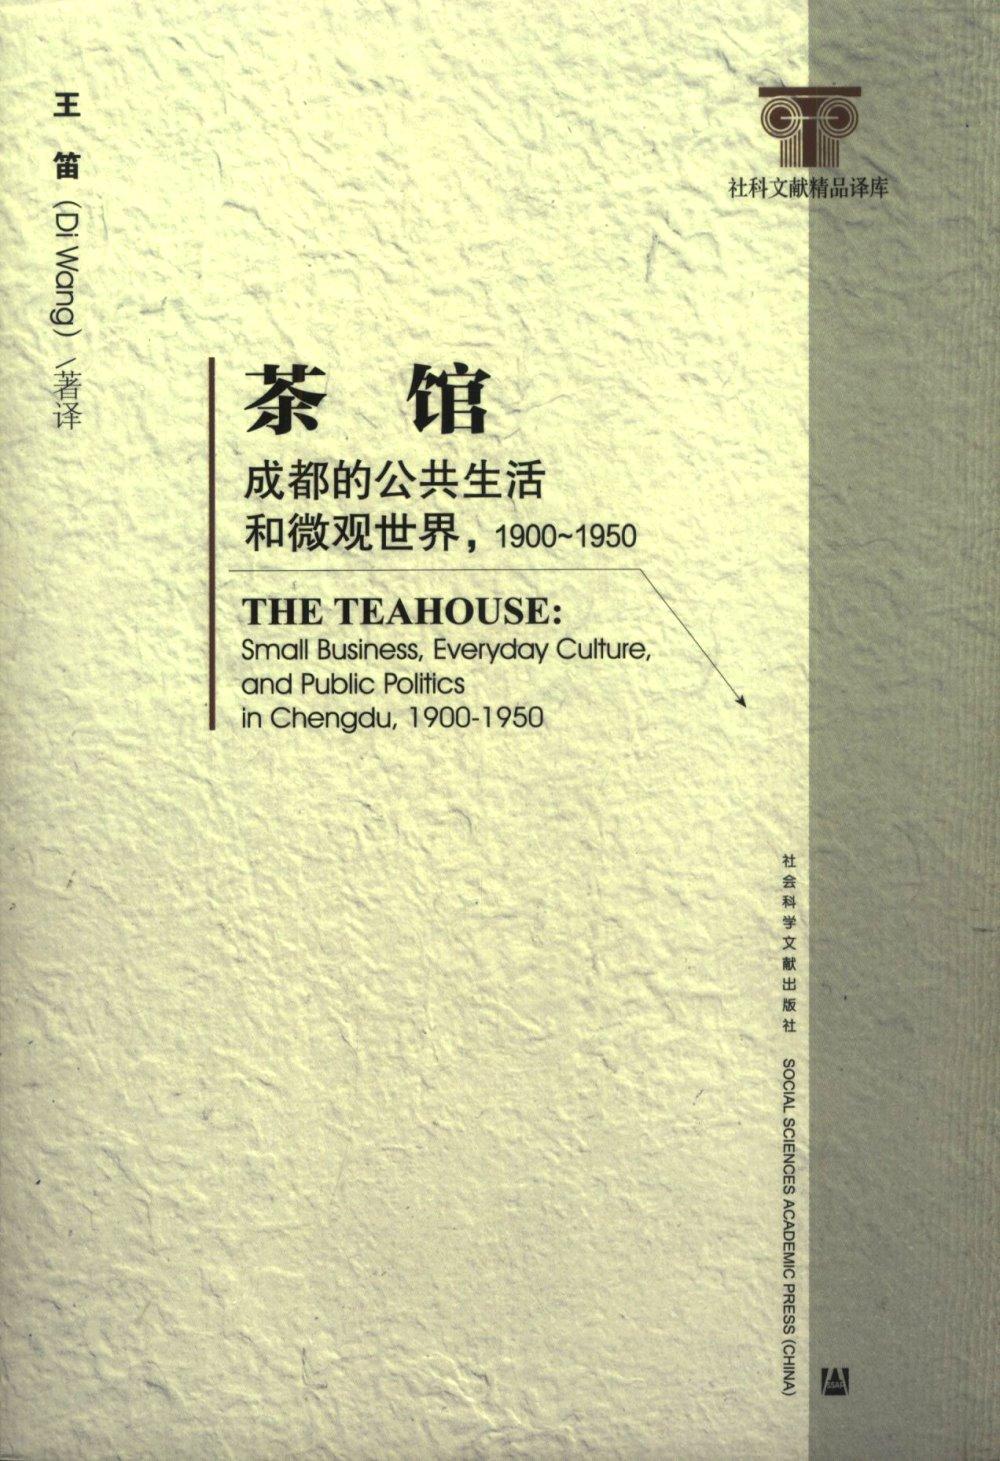 茶館:成都的公共生活和微觀世界,1900-1950